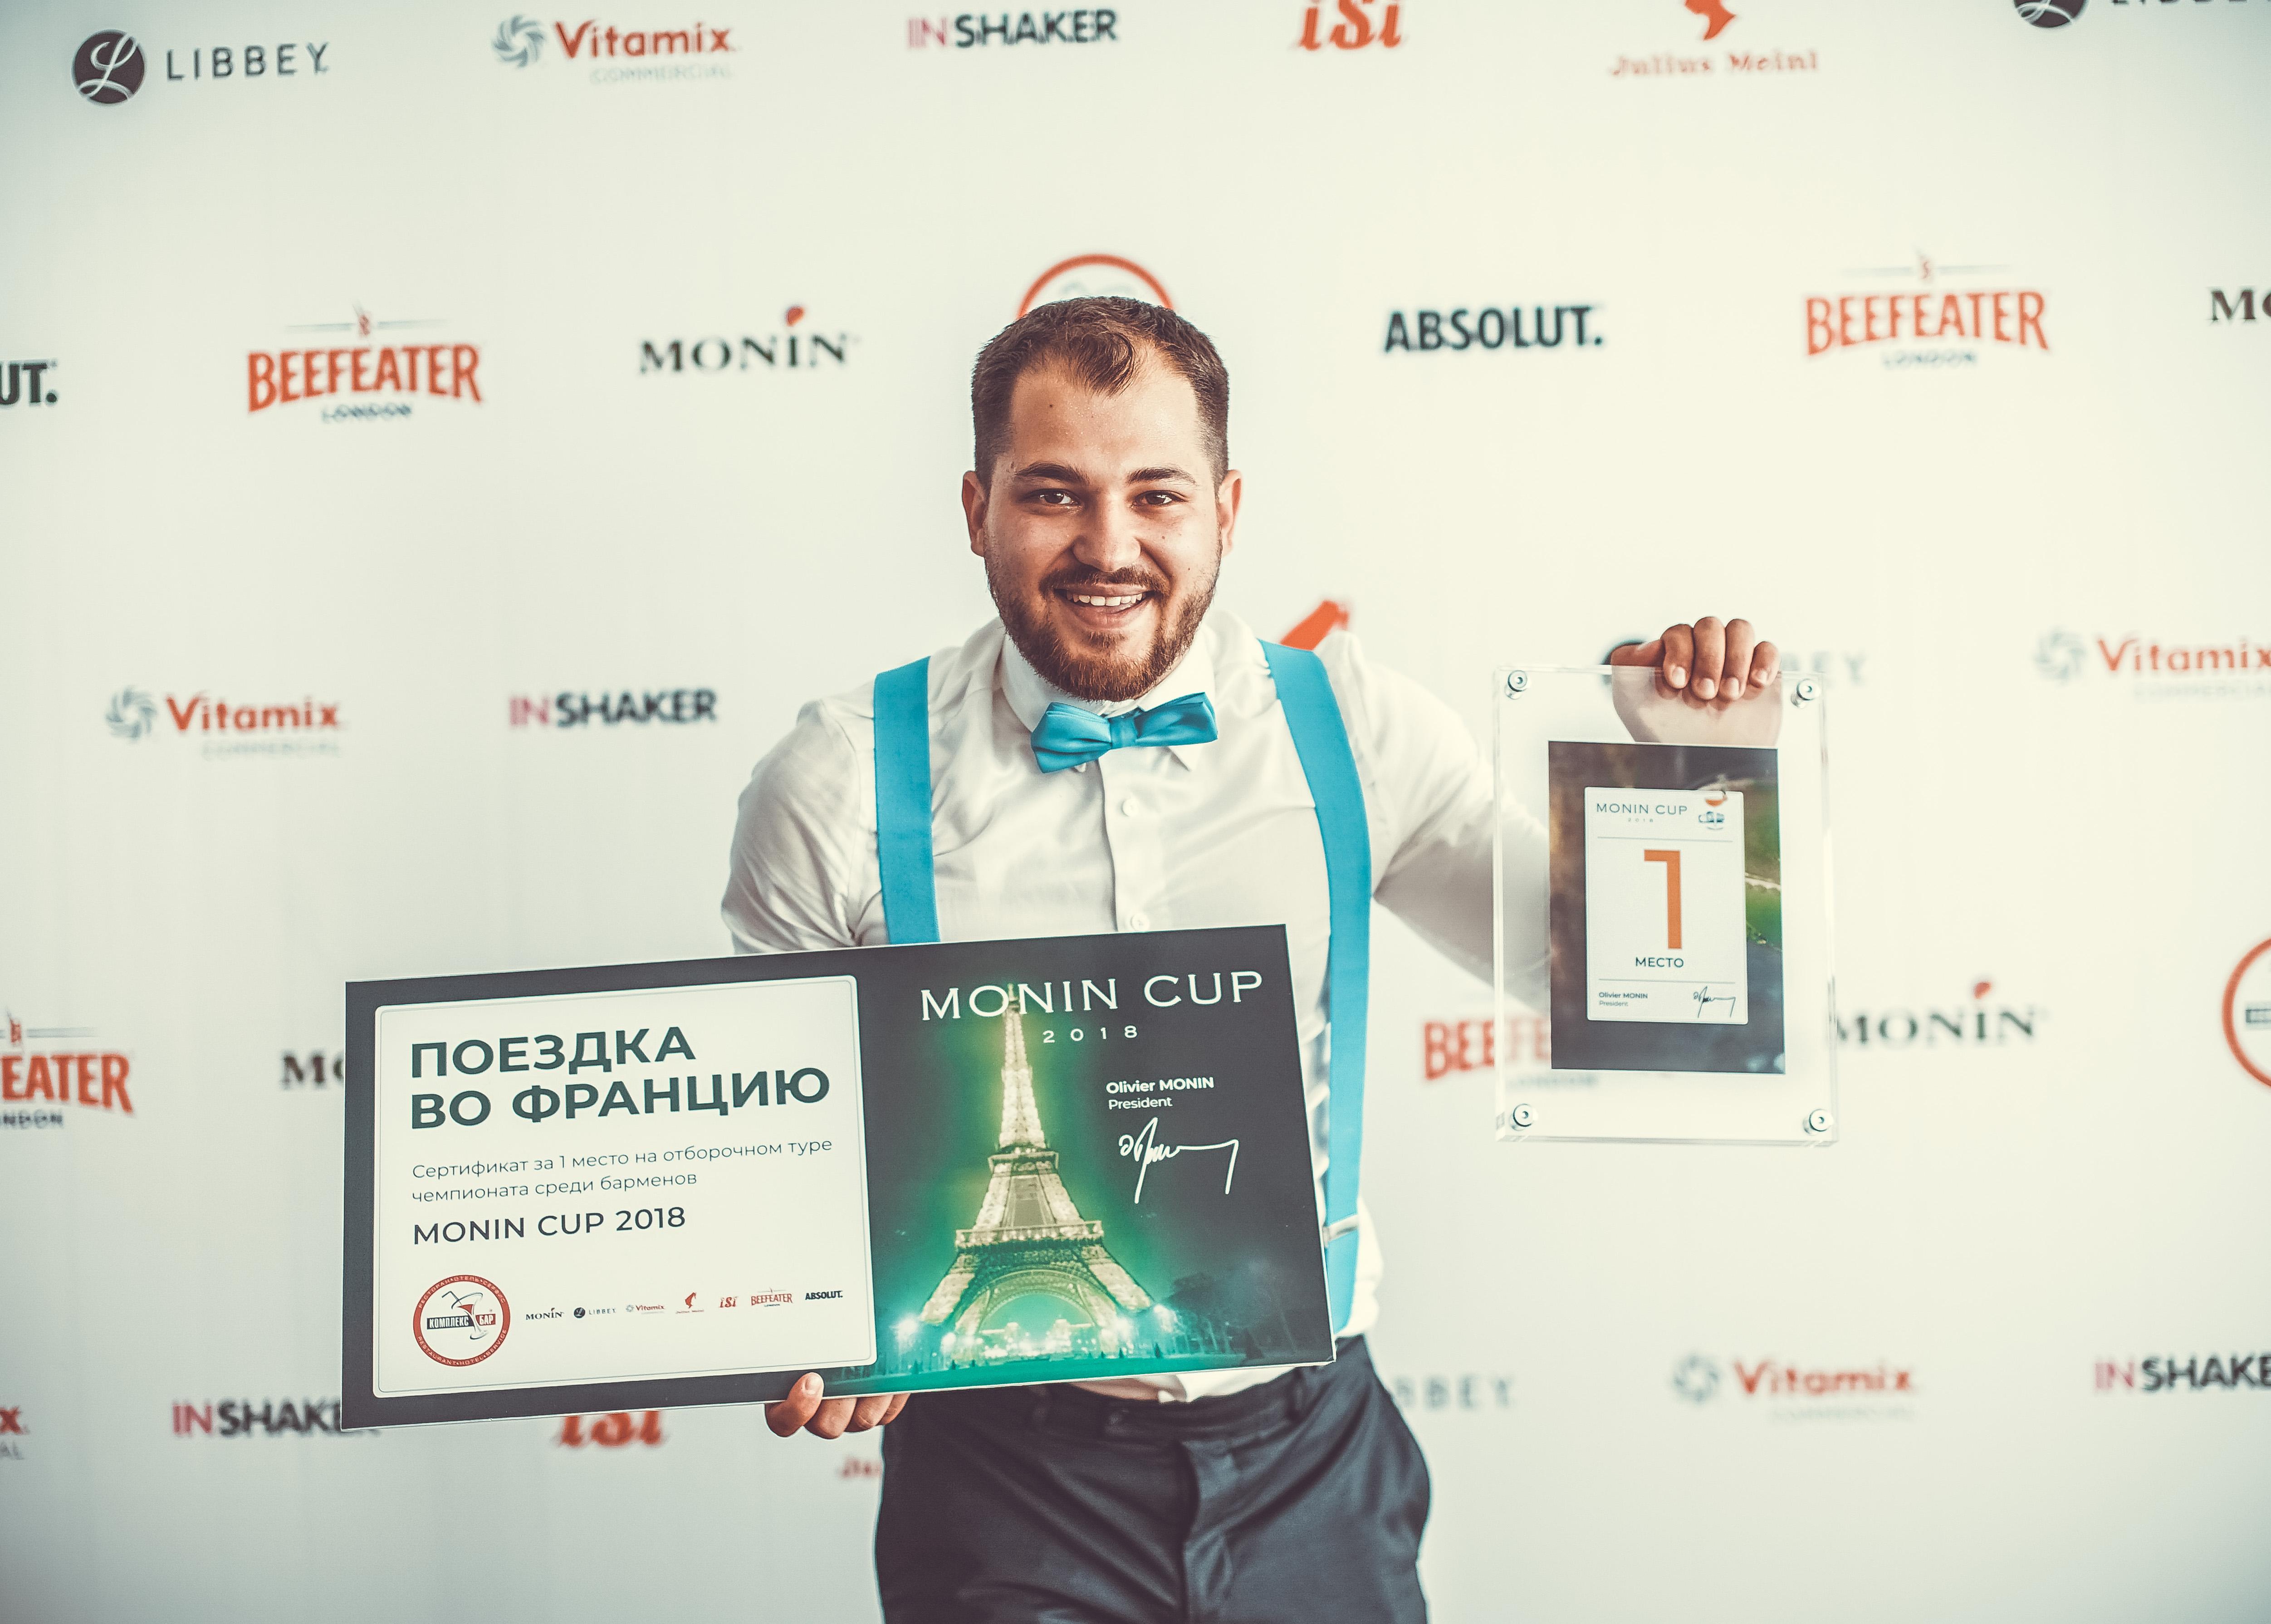 monin cup 2018 максим ягольник победитель